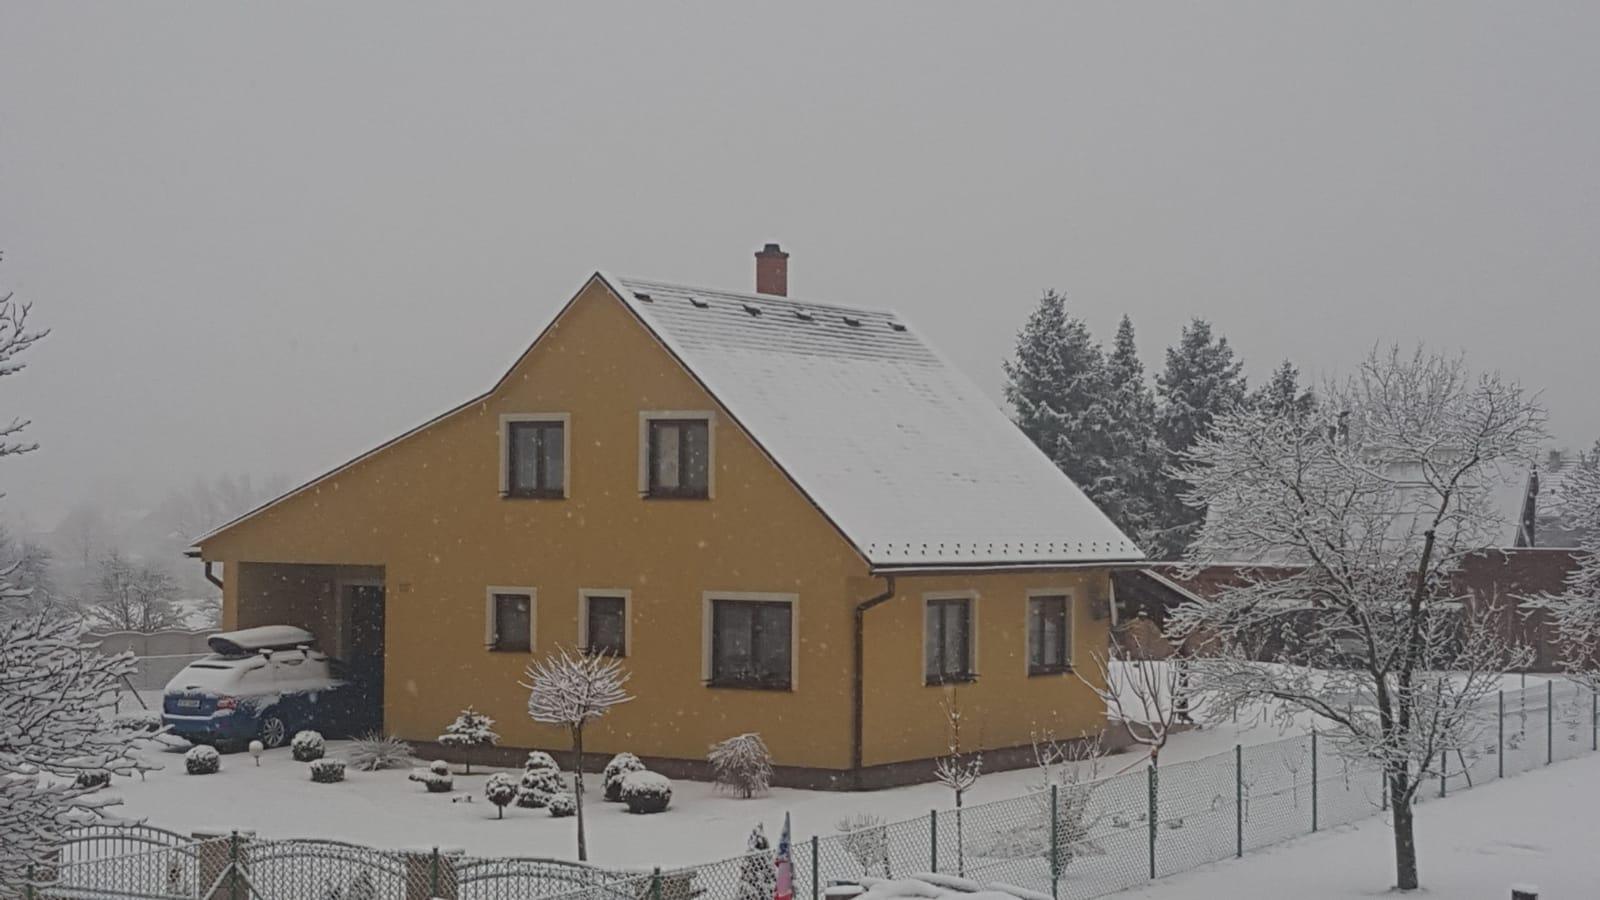 Zahrada 2020 - Zahrada pod sněhem.